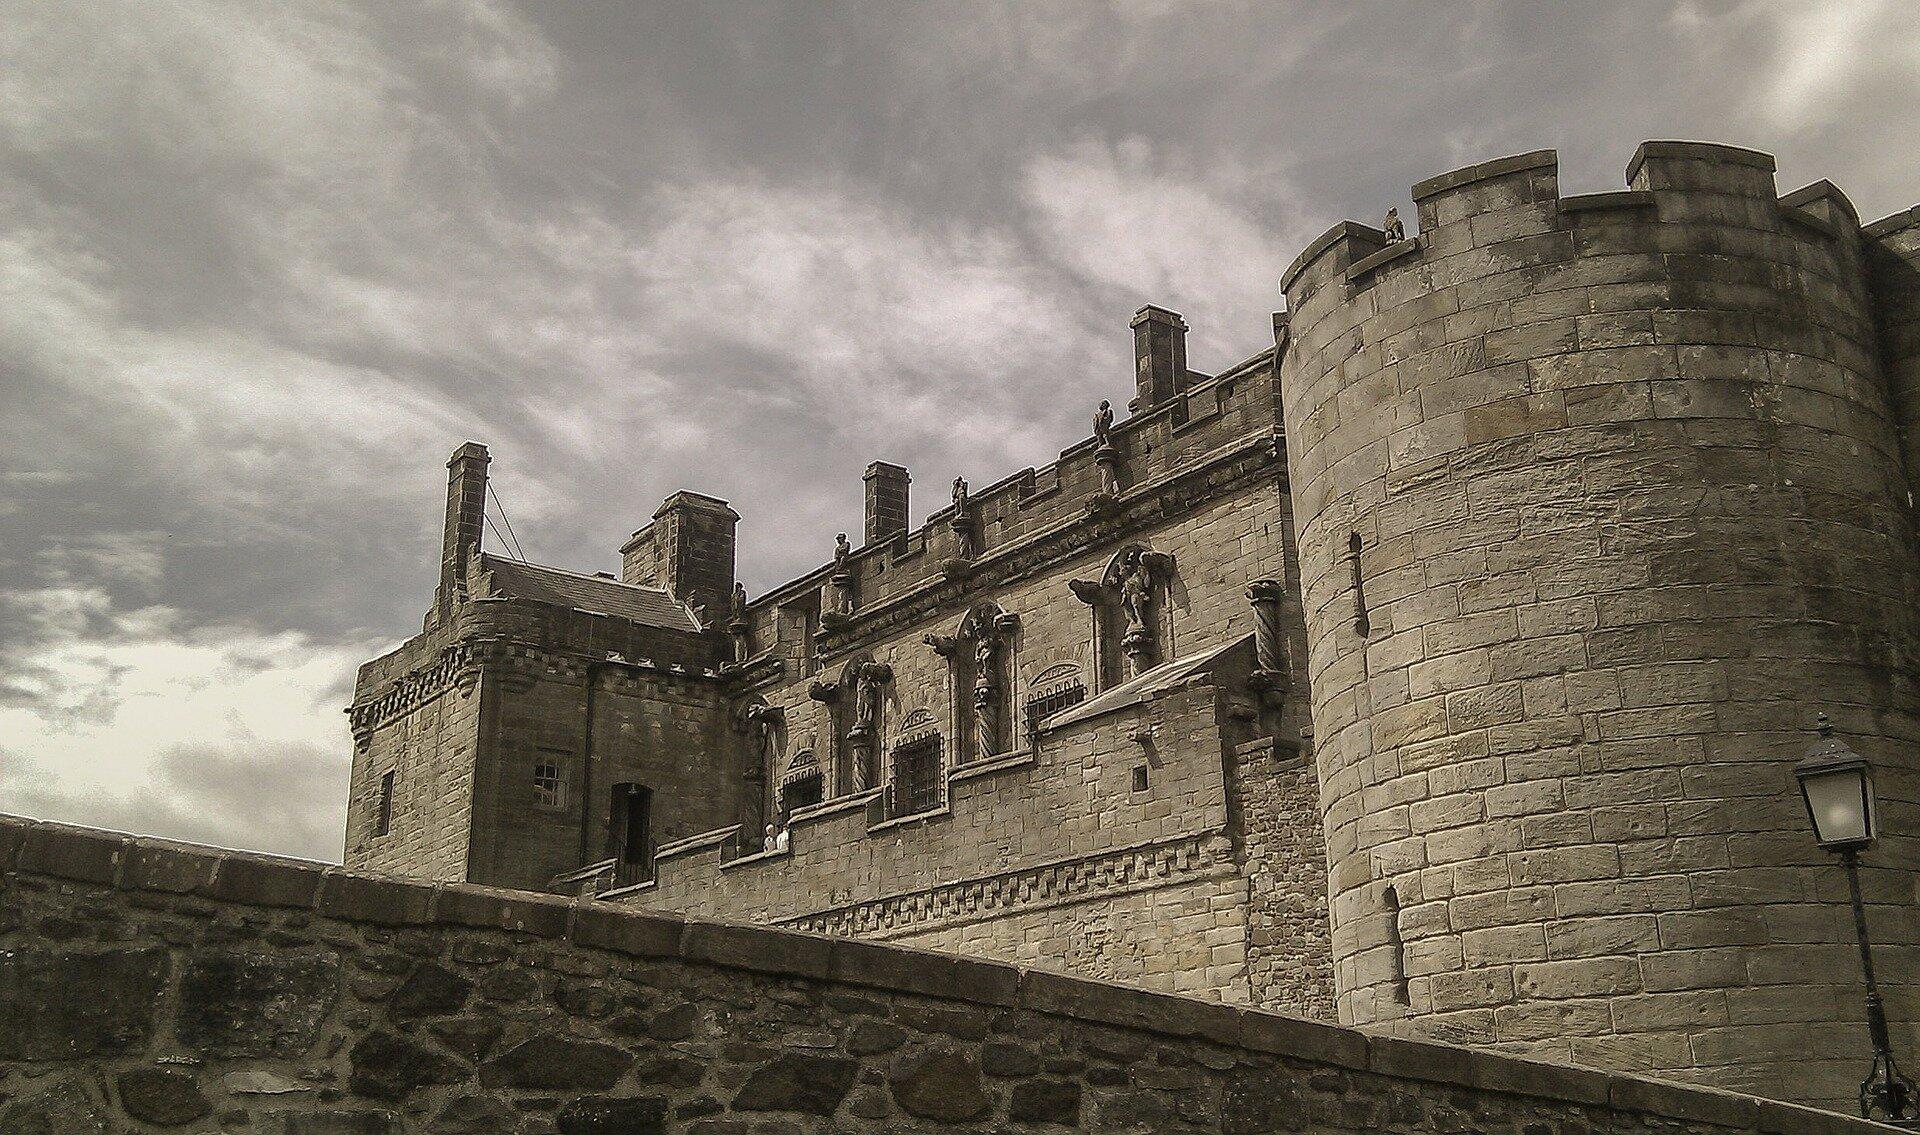 stirling-castle-202103_1920.jpg